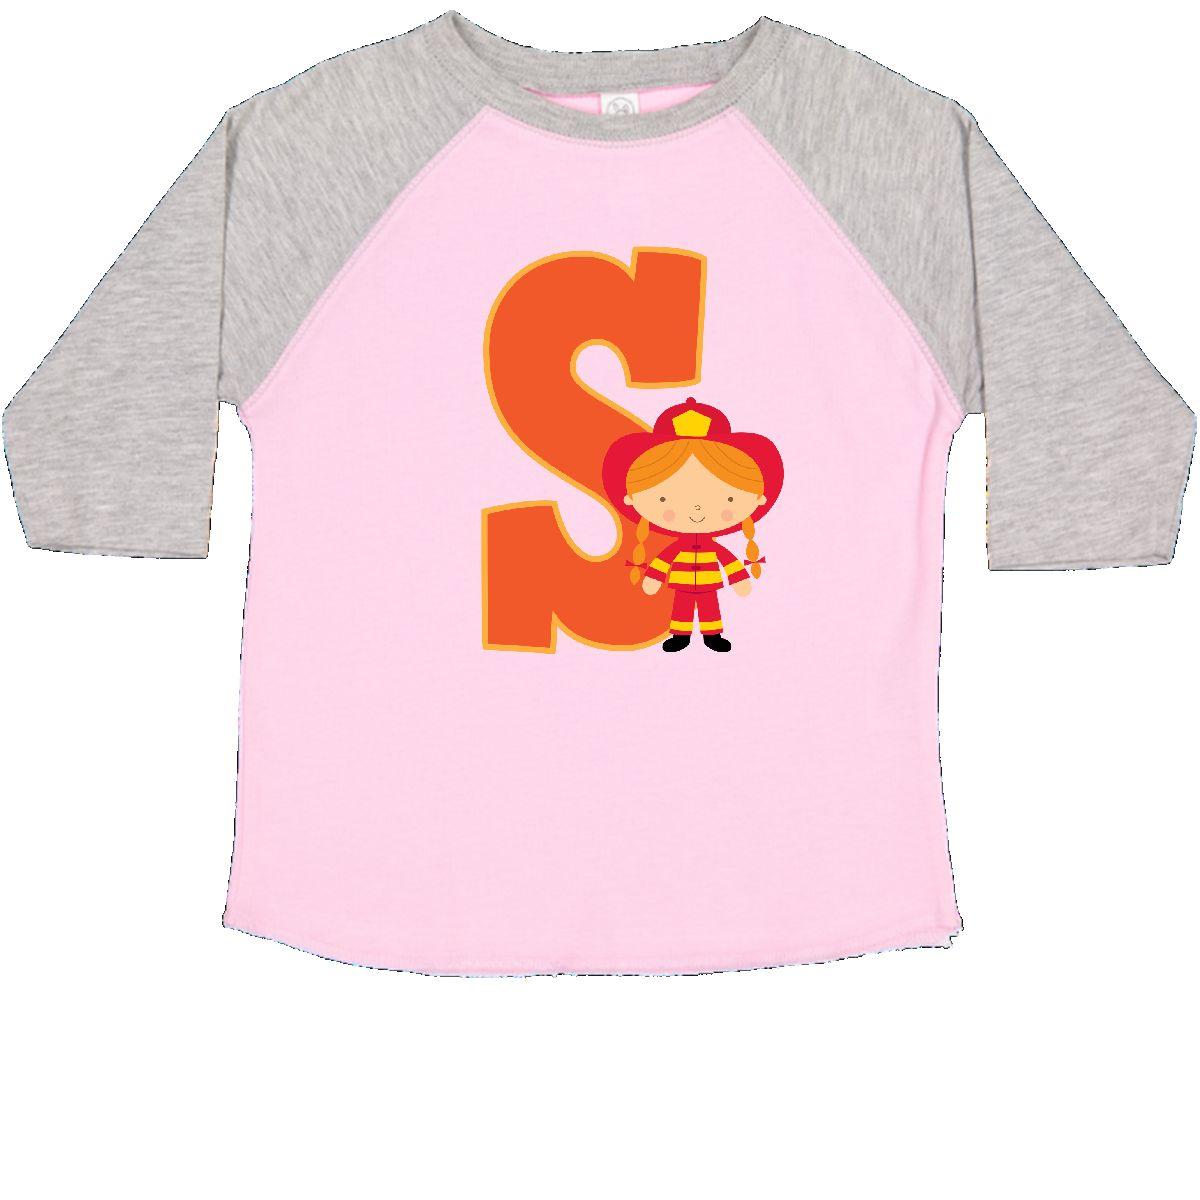 New Pulse Little Girls Toddler 2 Piece 2T 4T Snowsuit Plaid Orange Plaid 93206T